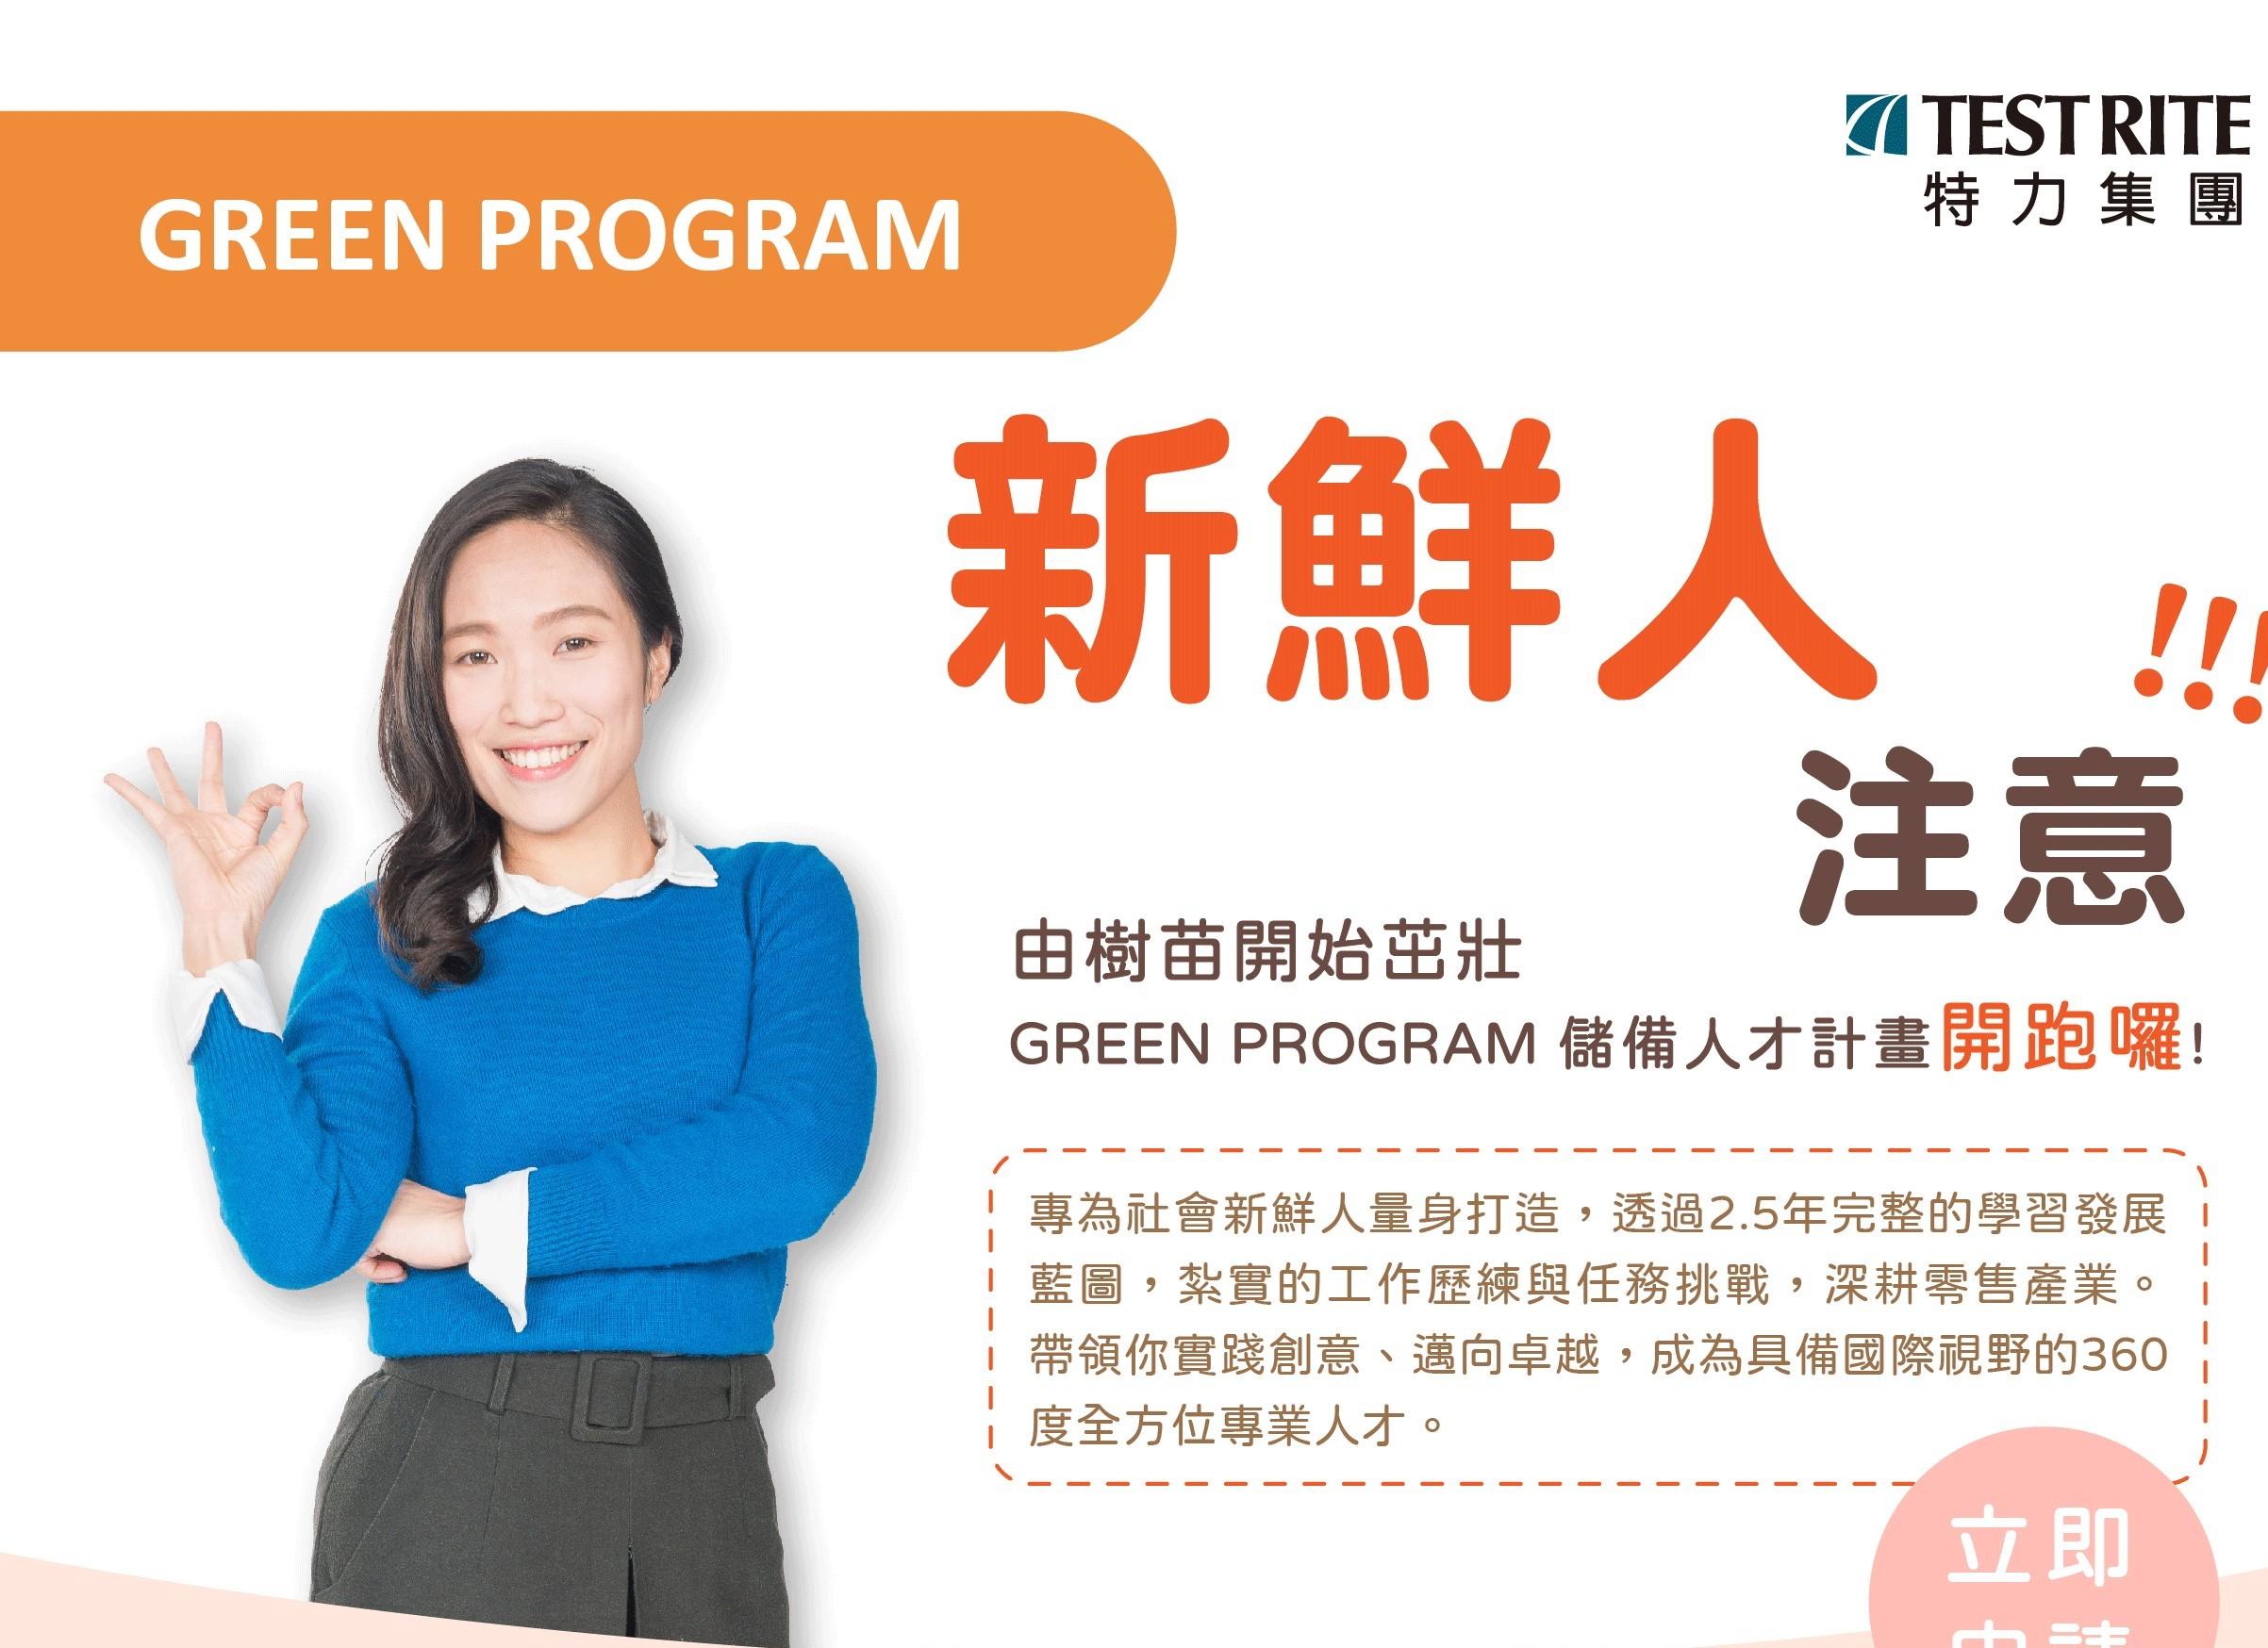 2020年「特力集團GREEN PROGRAM」徵才活動